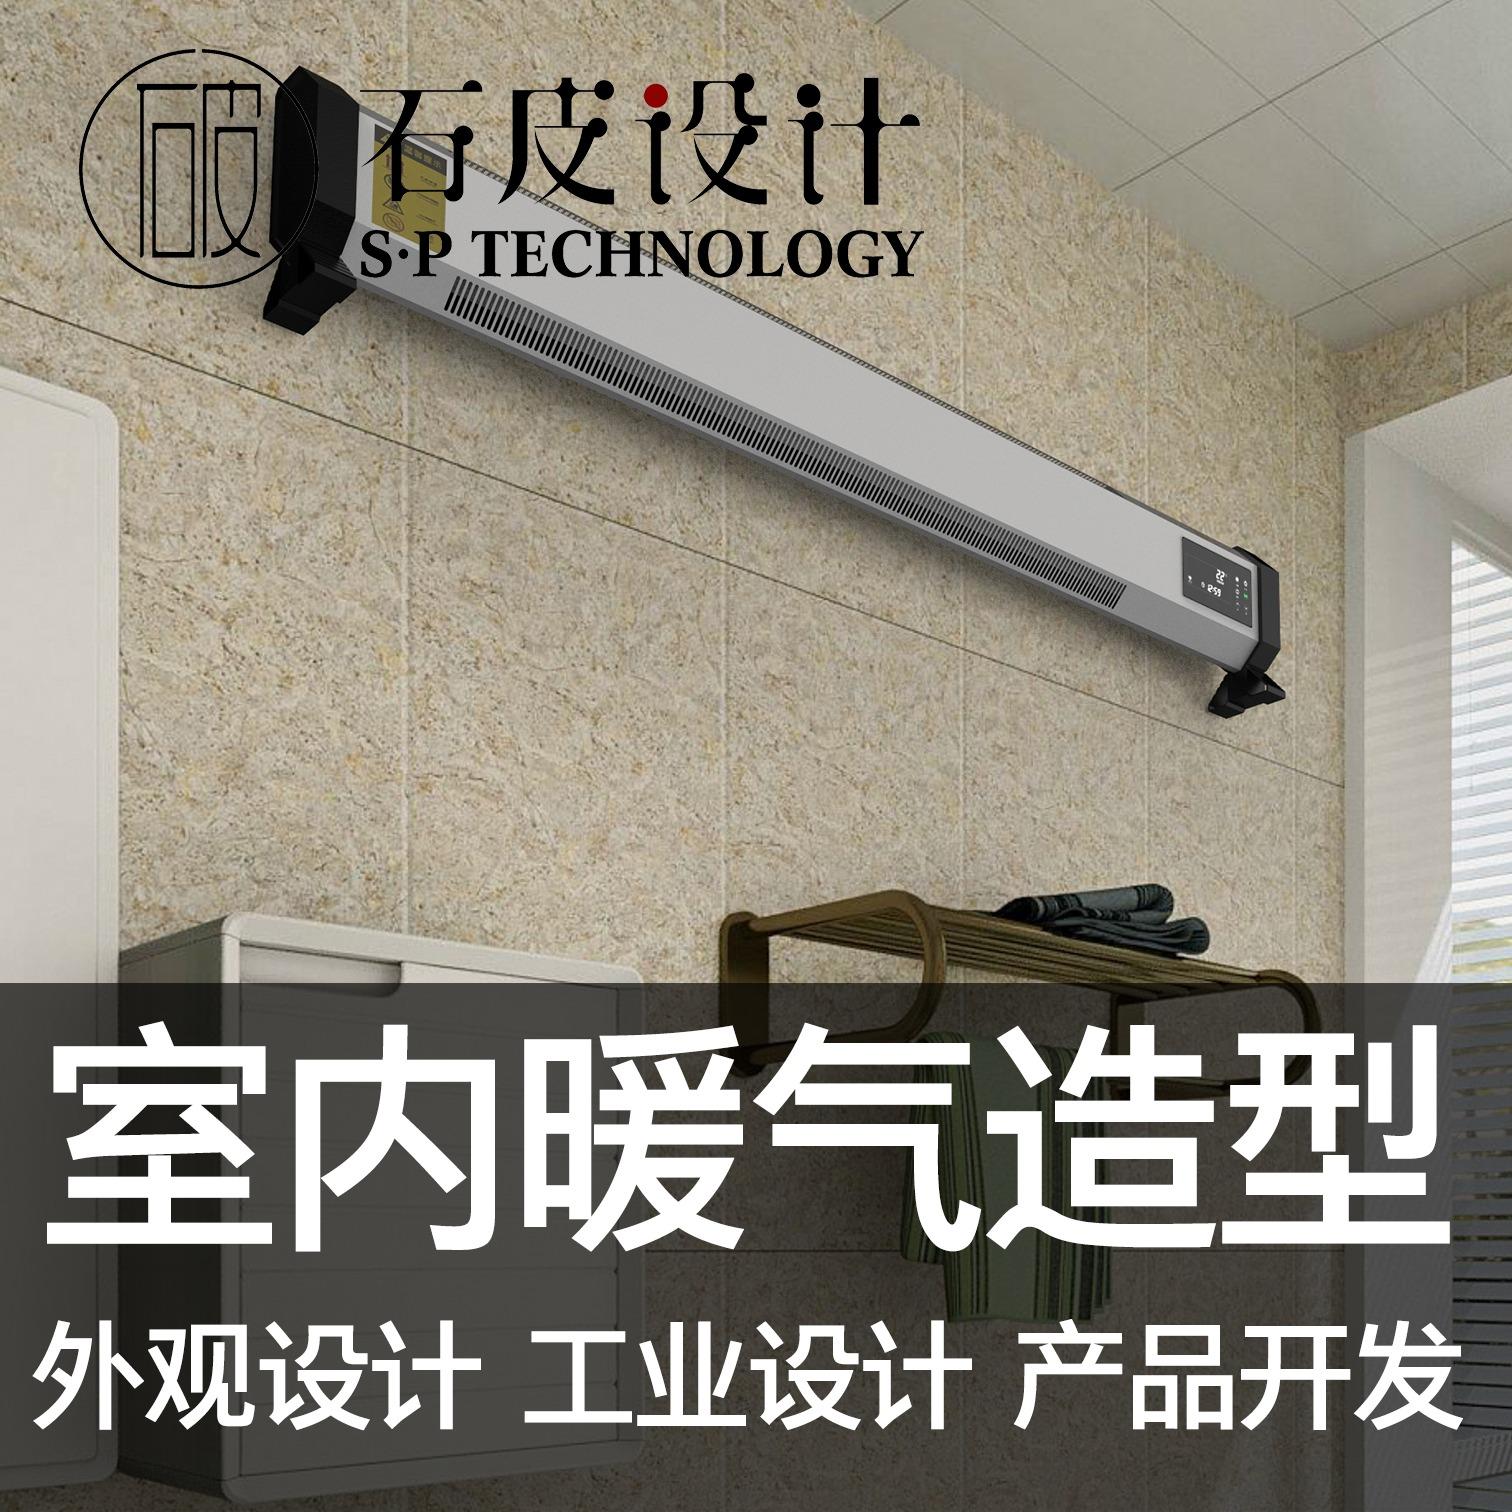 家电取暖设备外观设计工业设计结构开发产品设计家居家电外观设计